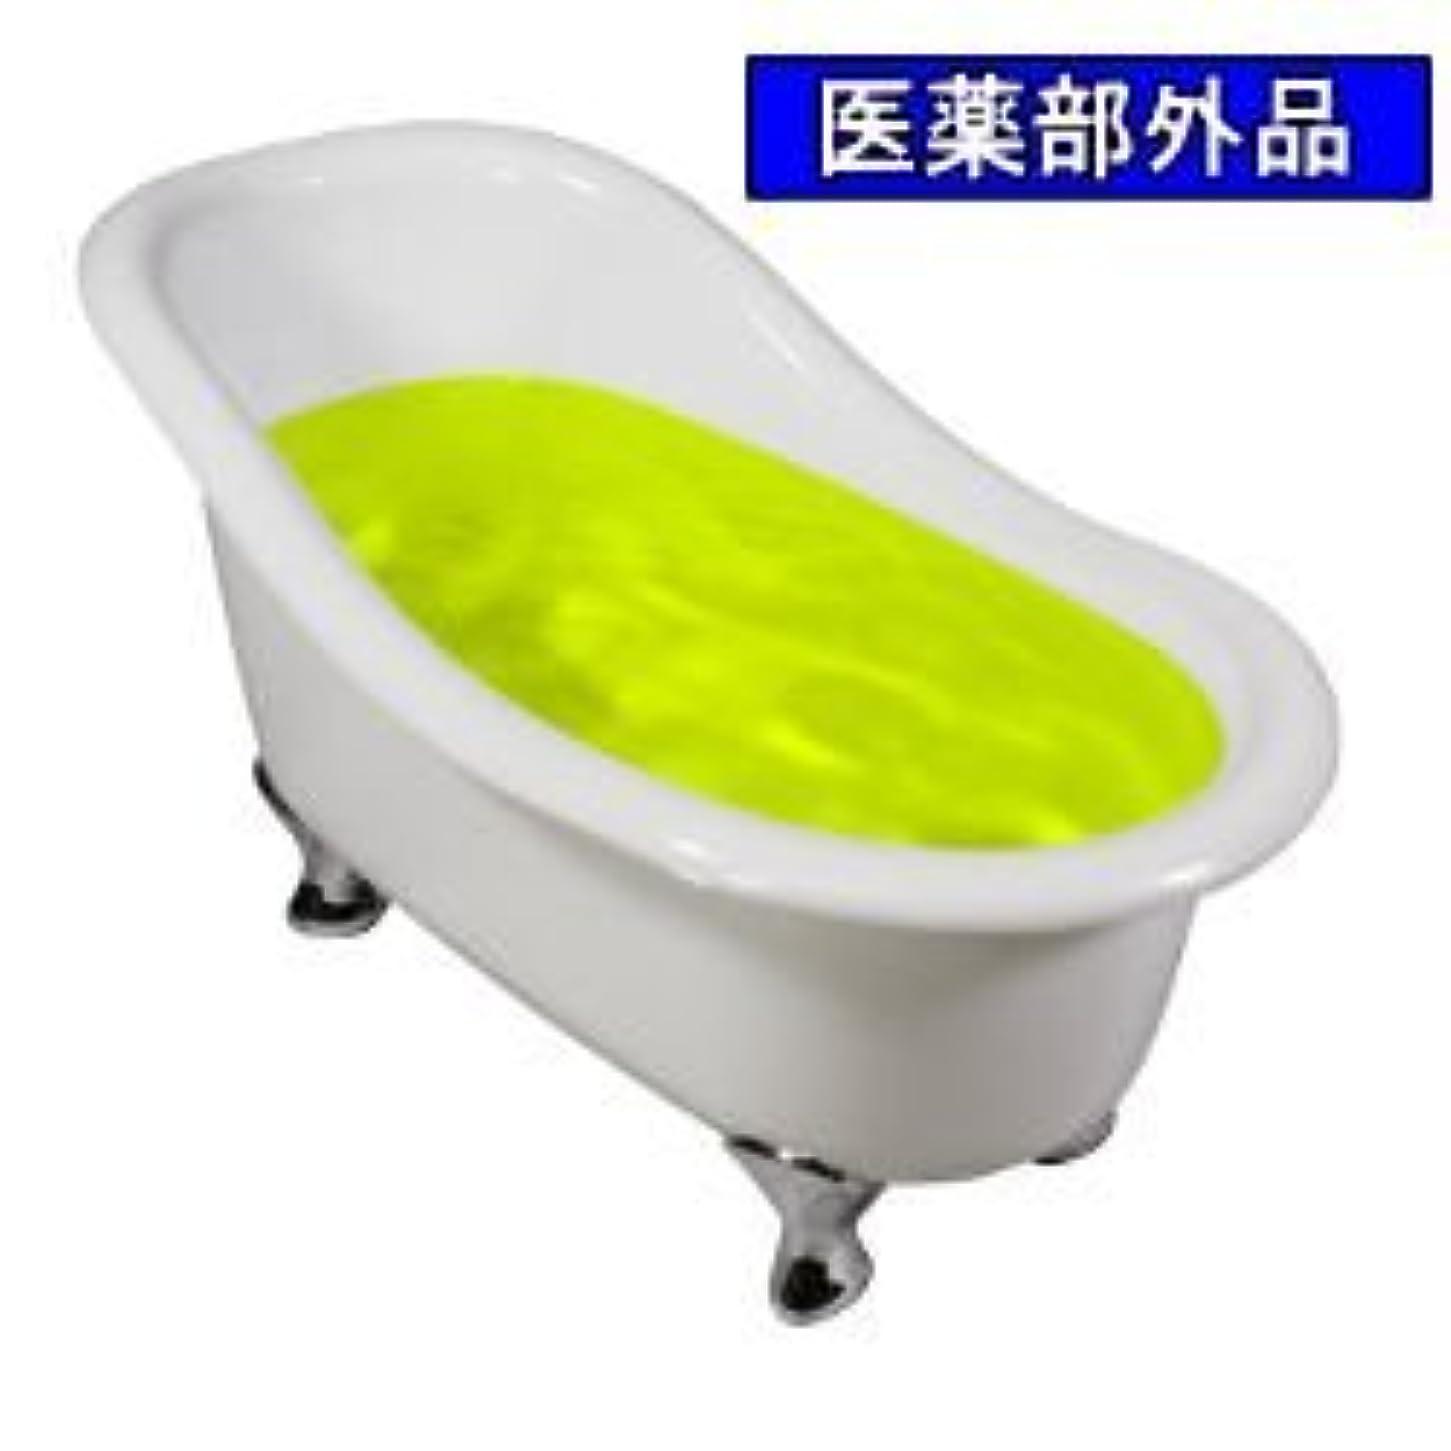 リンクやりすぎマトロン業務用薬用入浴剤バスフレンド レモン 17kg 医薬部外品